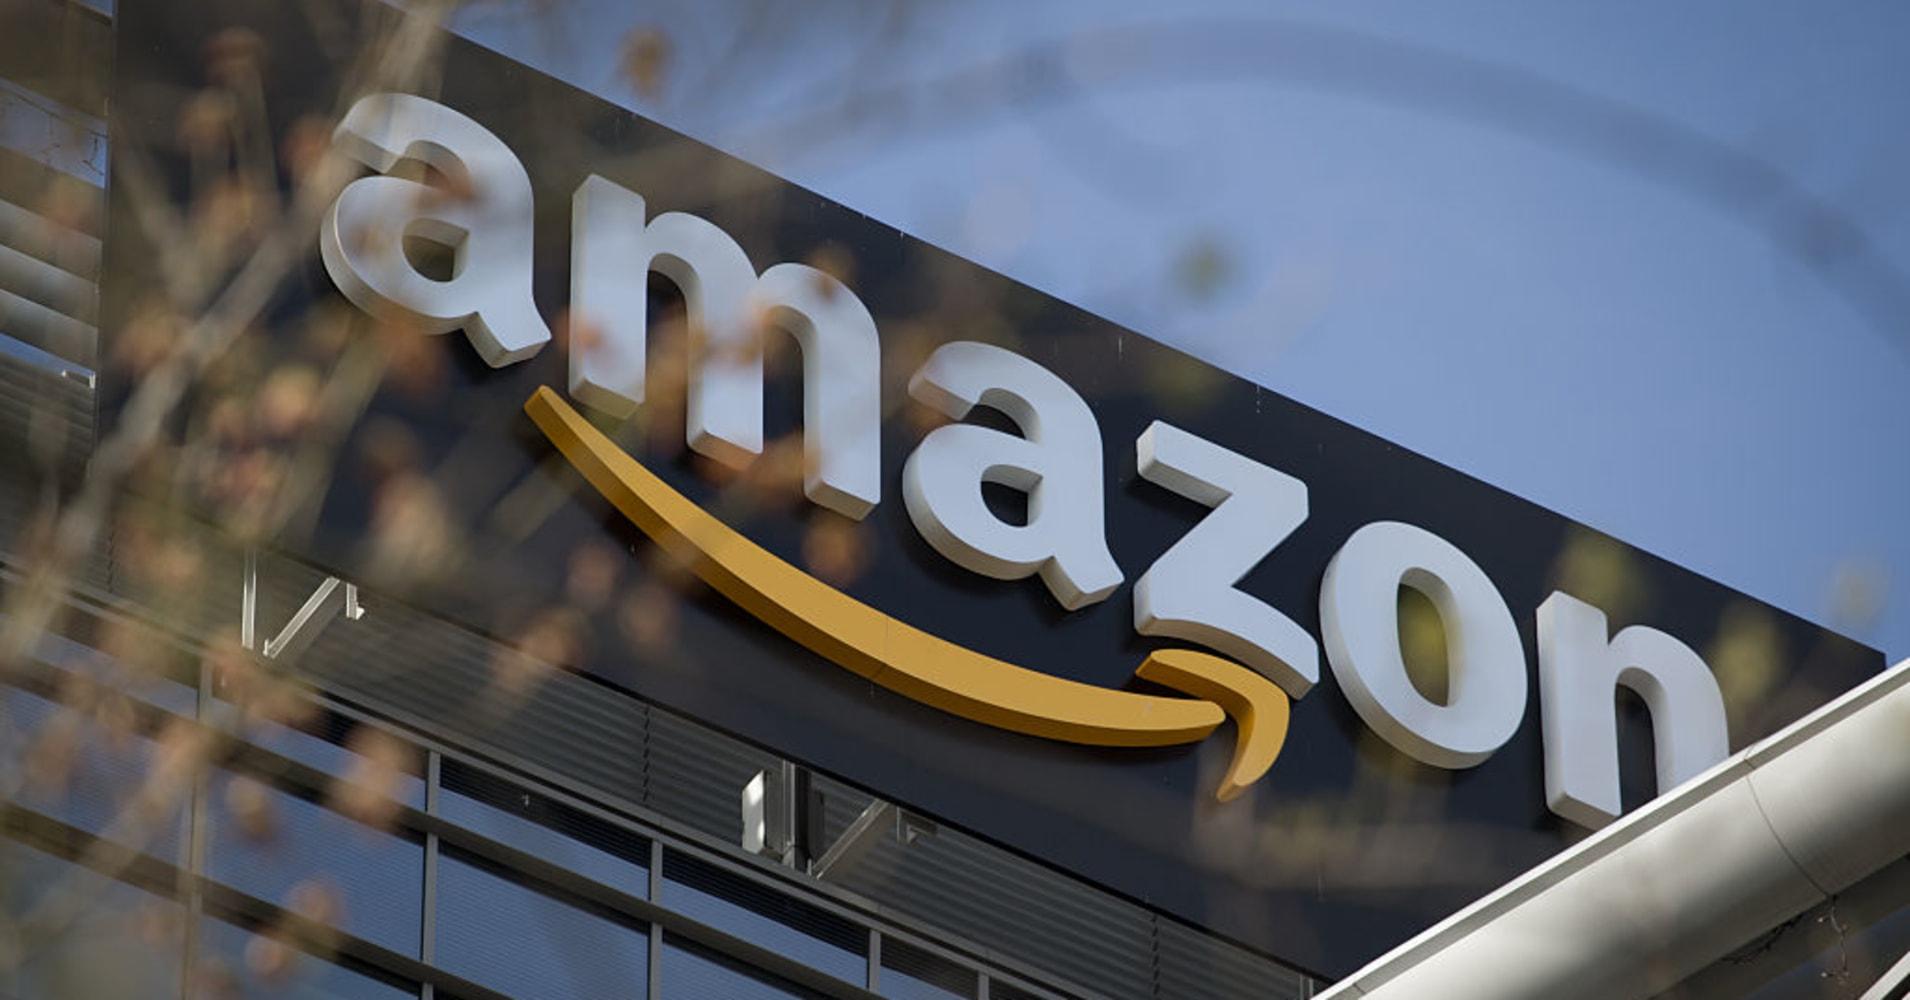 Amazon-Filme-Audio-Kindle-Buecher-Video-Musik-Garten-Spielzeug-Games-Sexartikel-Farben-Lieder-Spiele-PC-Tablet-Laptop